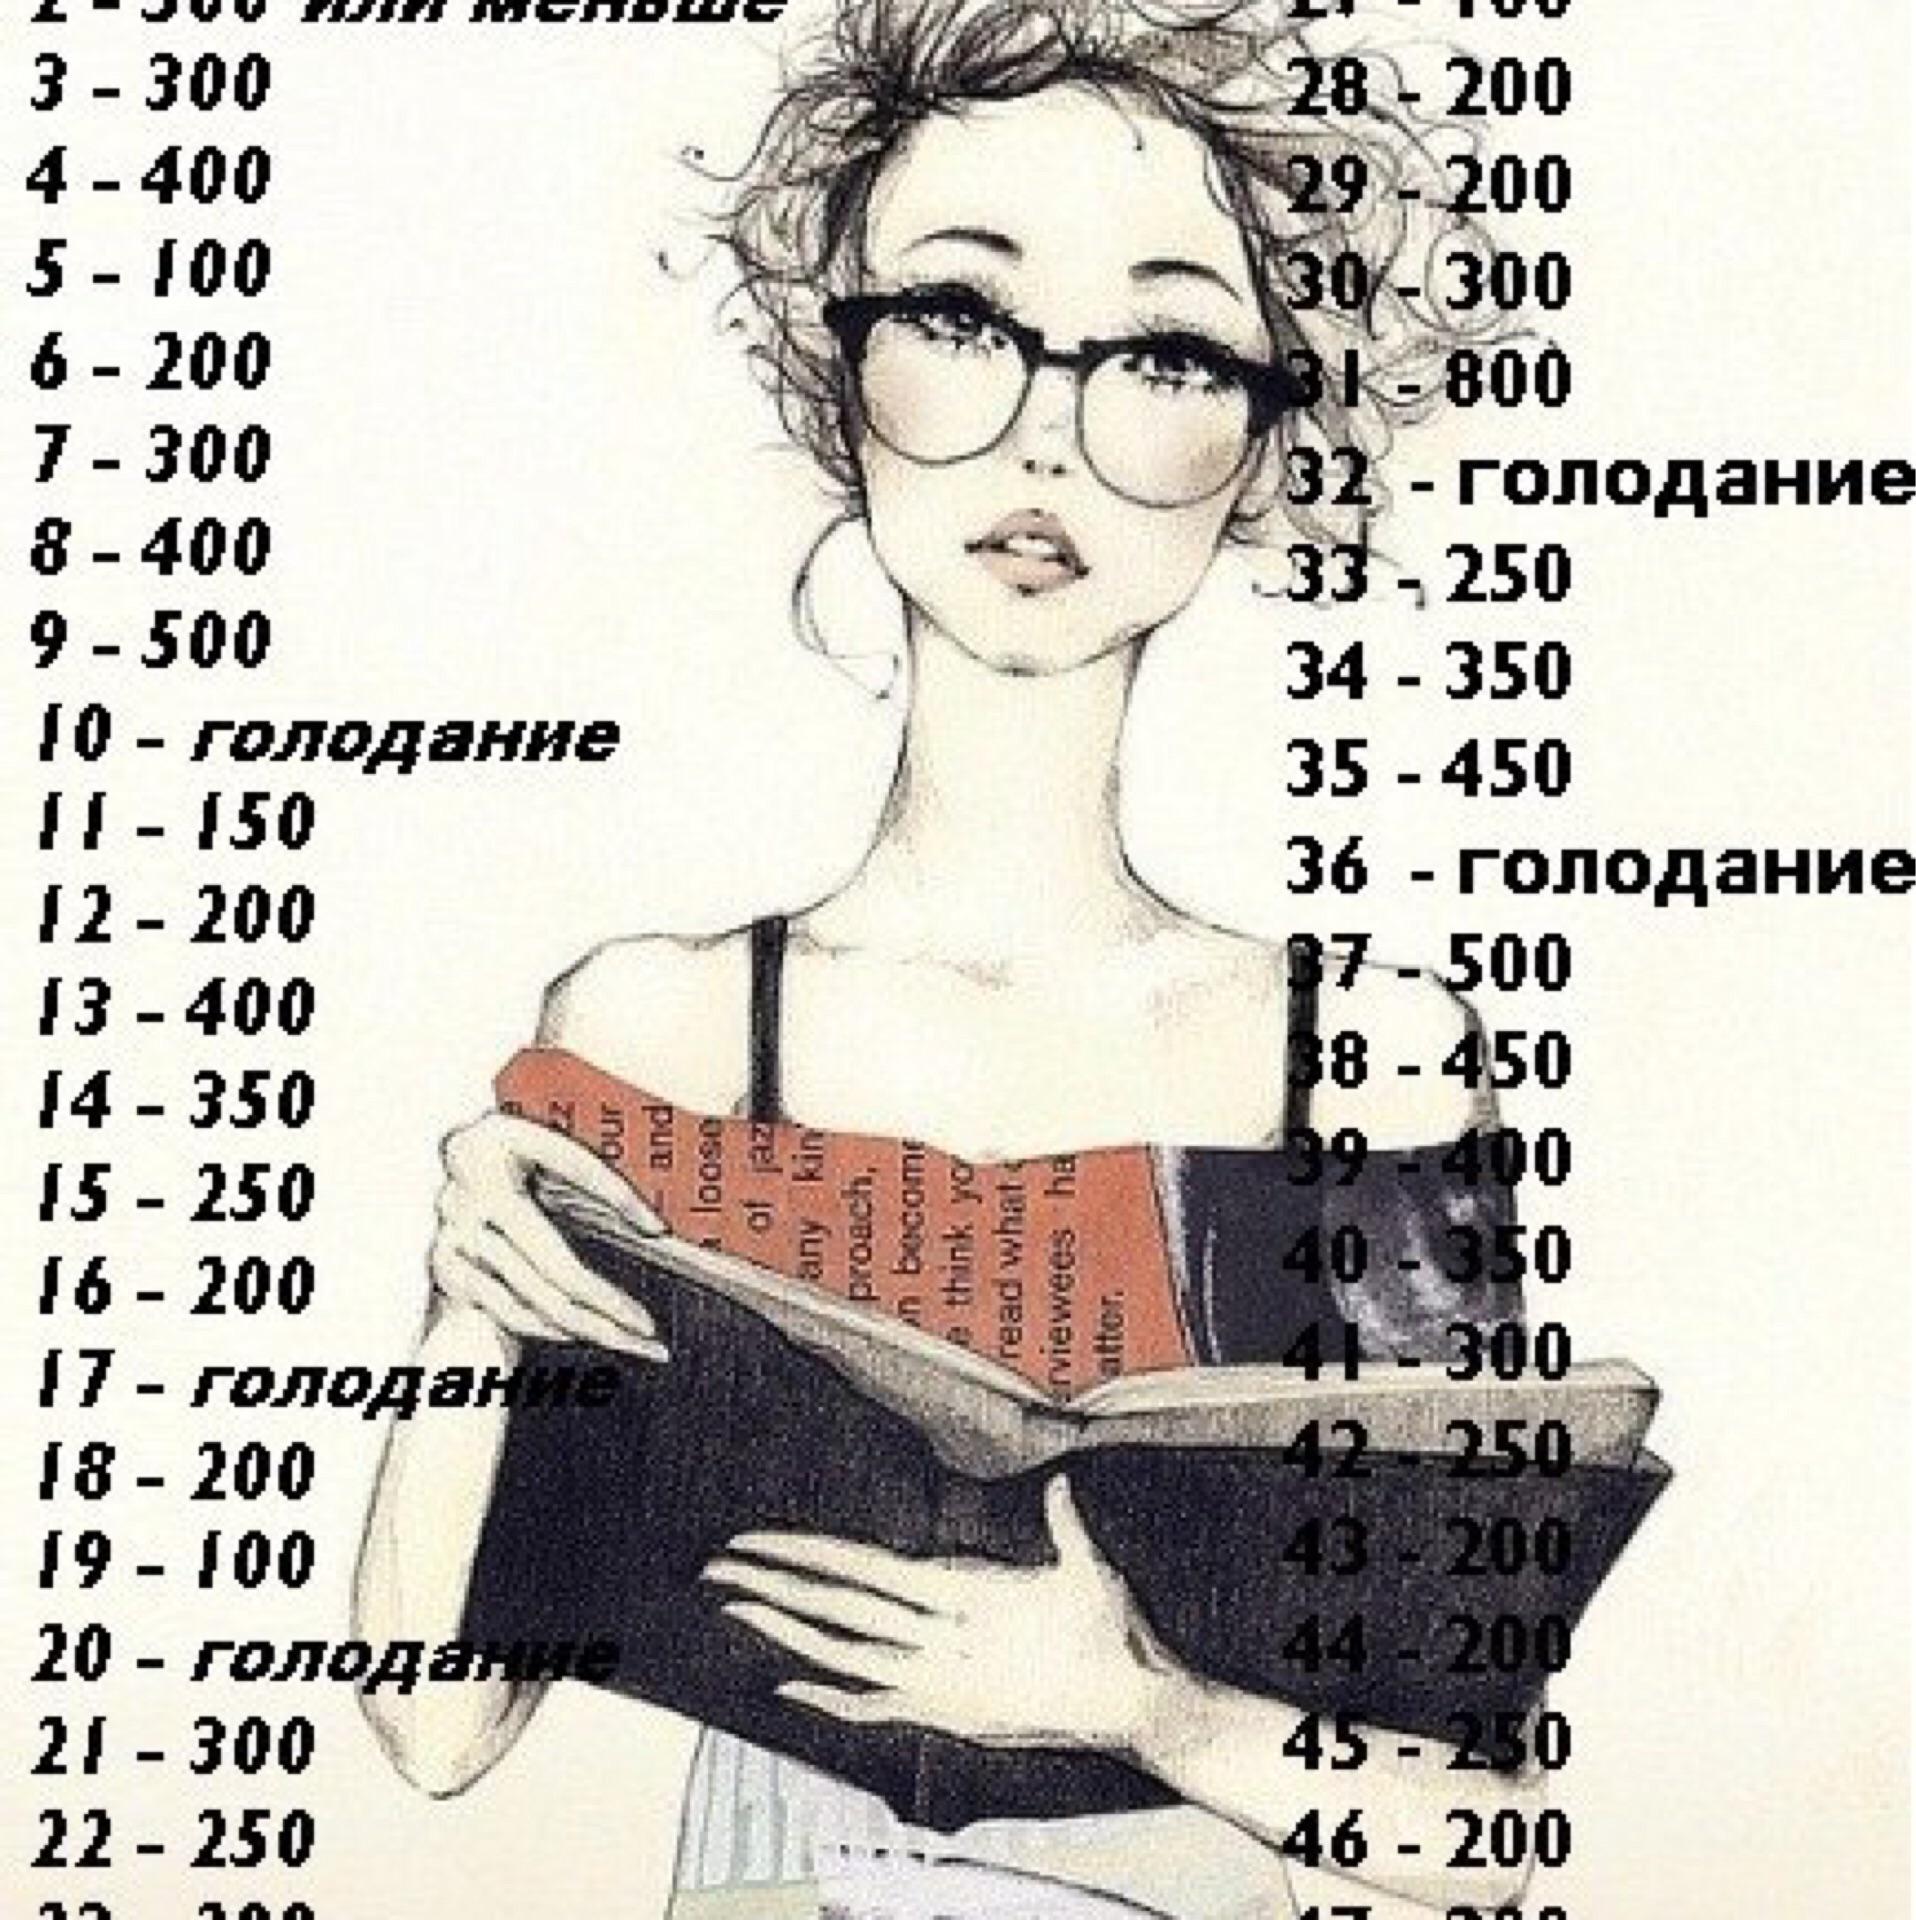 Меню При Авс Диете. Старая, проверенная временем диета ABC, правила похудения и меню с рецептами